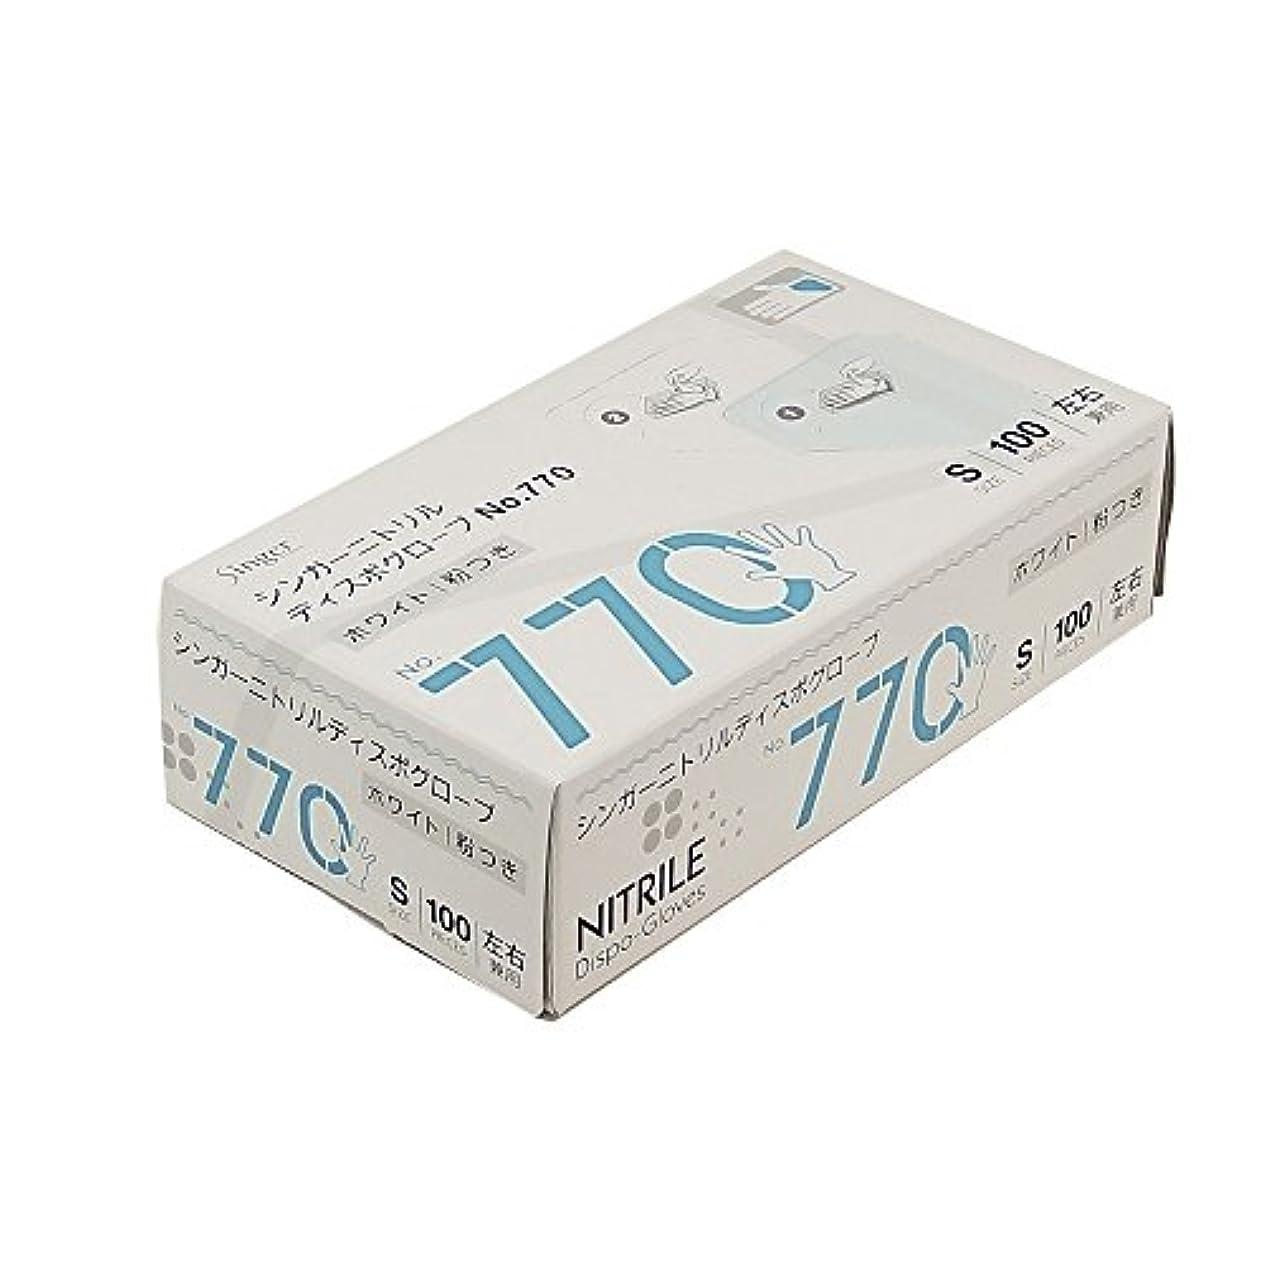 発掘満足できる頼む宇都宮製作 ディスポ手袋 シンガーニトリルディスポグローブ No.770 ホワイト 粉付 100枚入  S